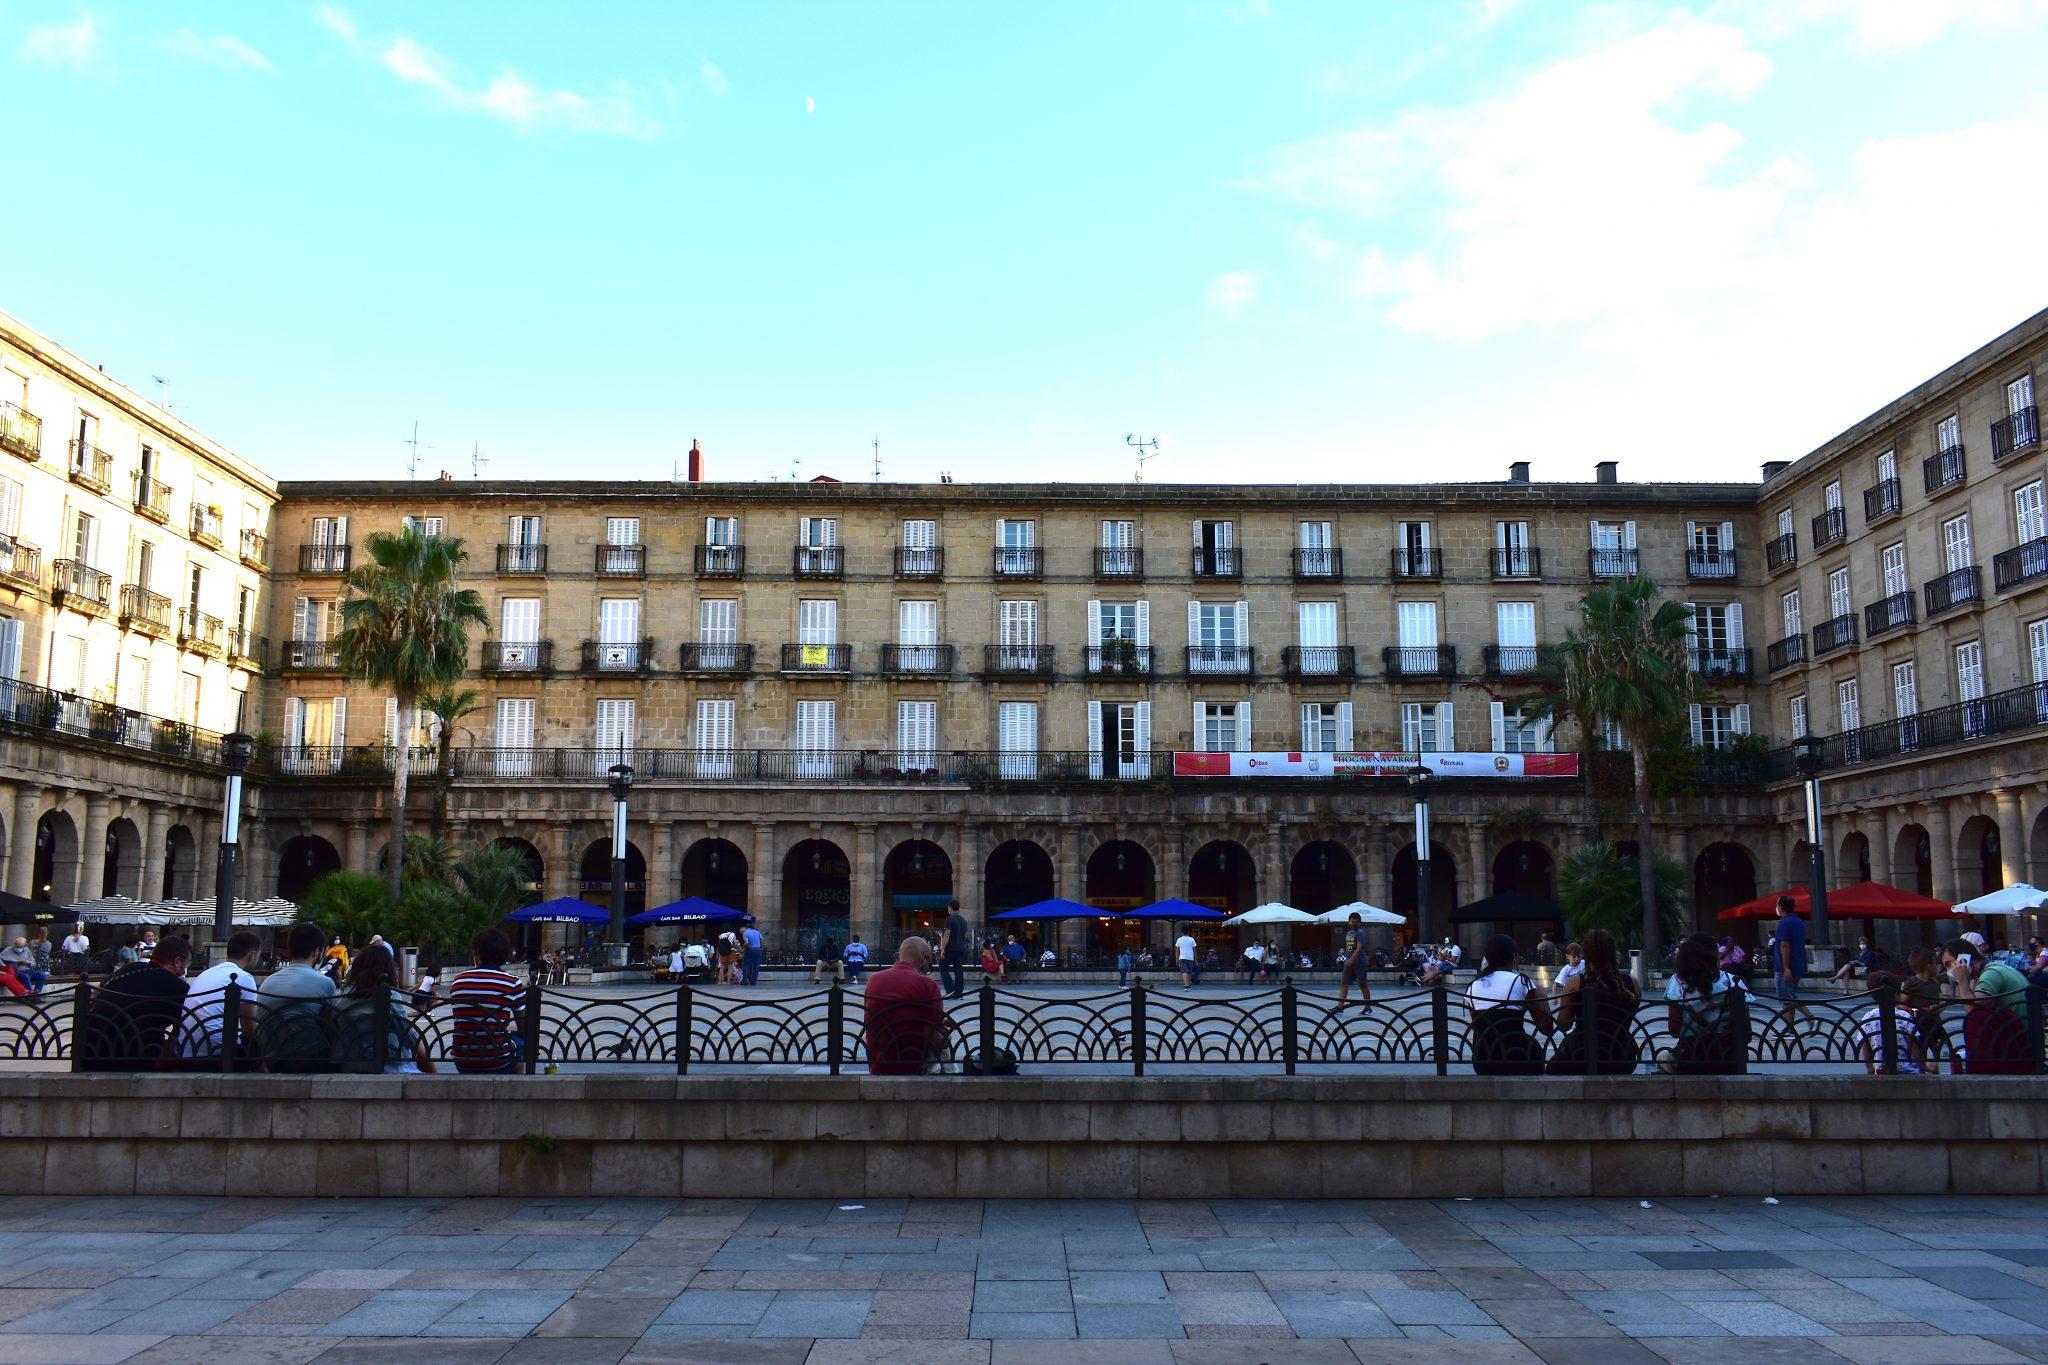 Bilbao-Cosa-vedere-a-Bibao-in-una-settimana-Casco-Viejo-Piazza-di-Spagna-Le-Plume-